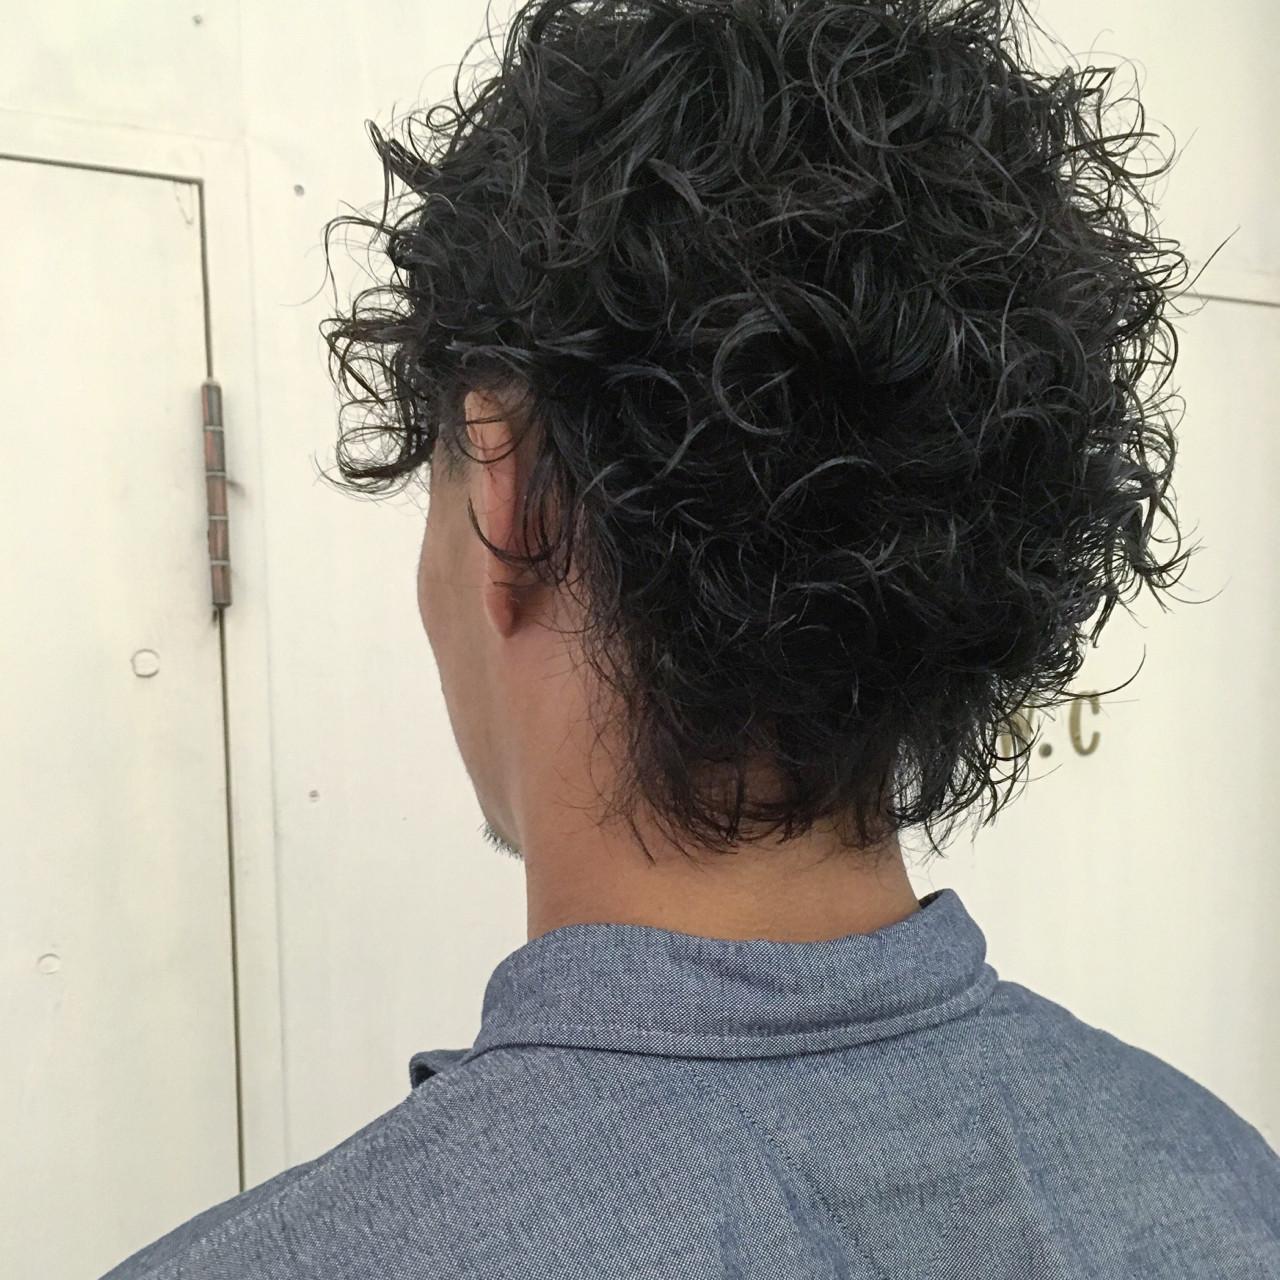 パーマ ボーイッシュ ストリート ショートヘアスタイルや髪型の写真・画像